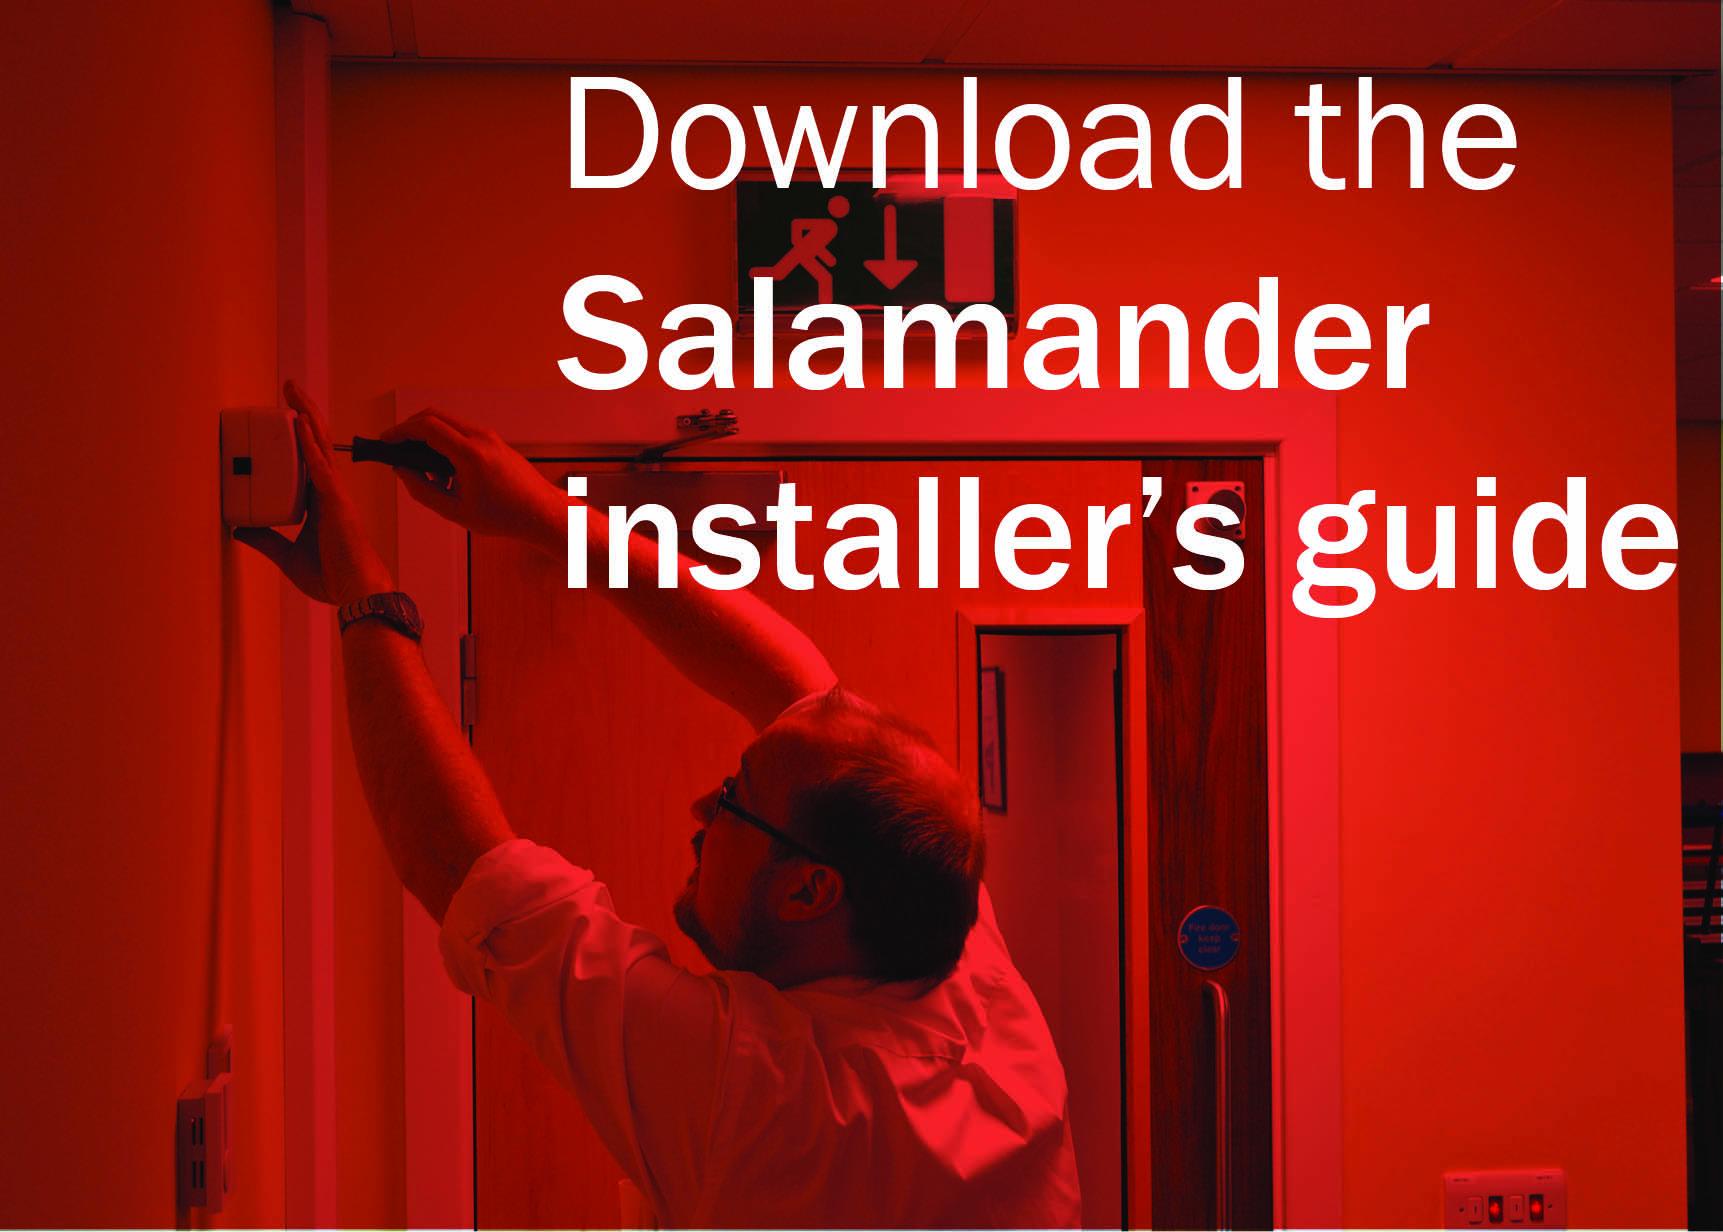 Salamander installers guide